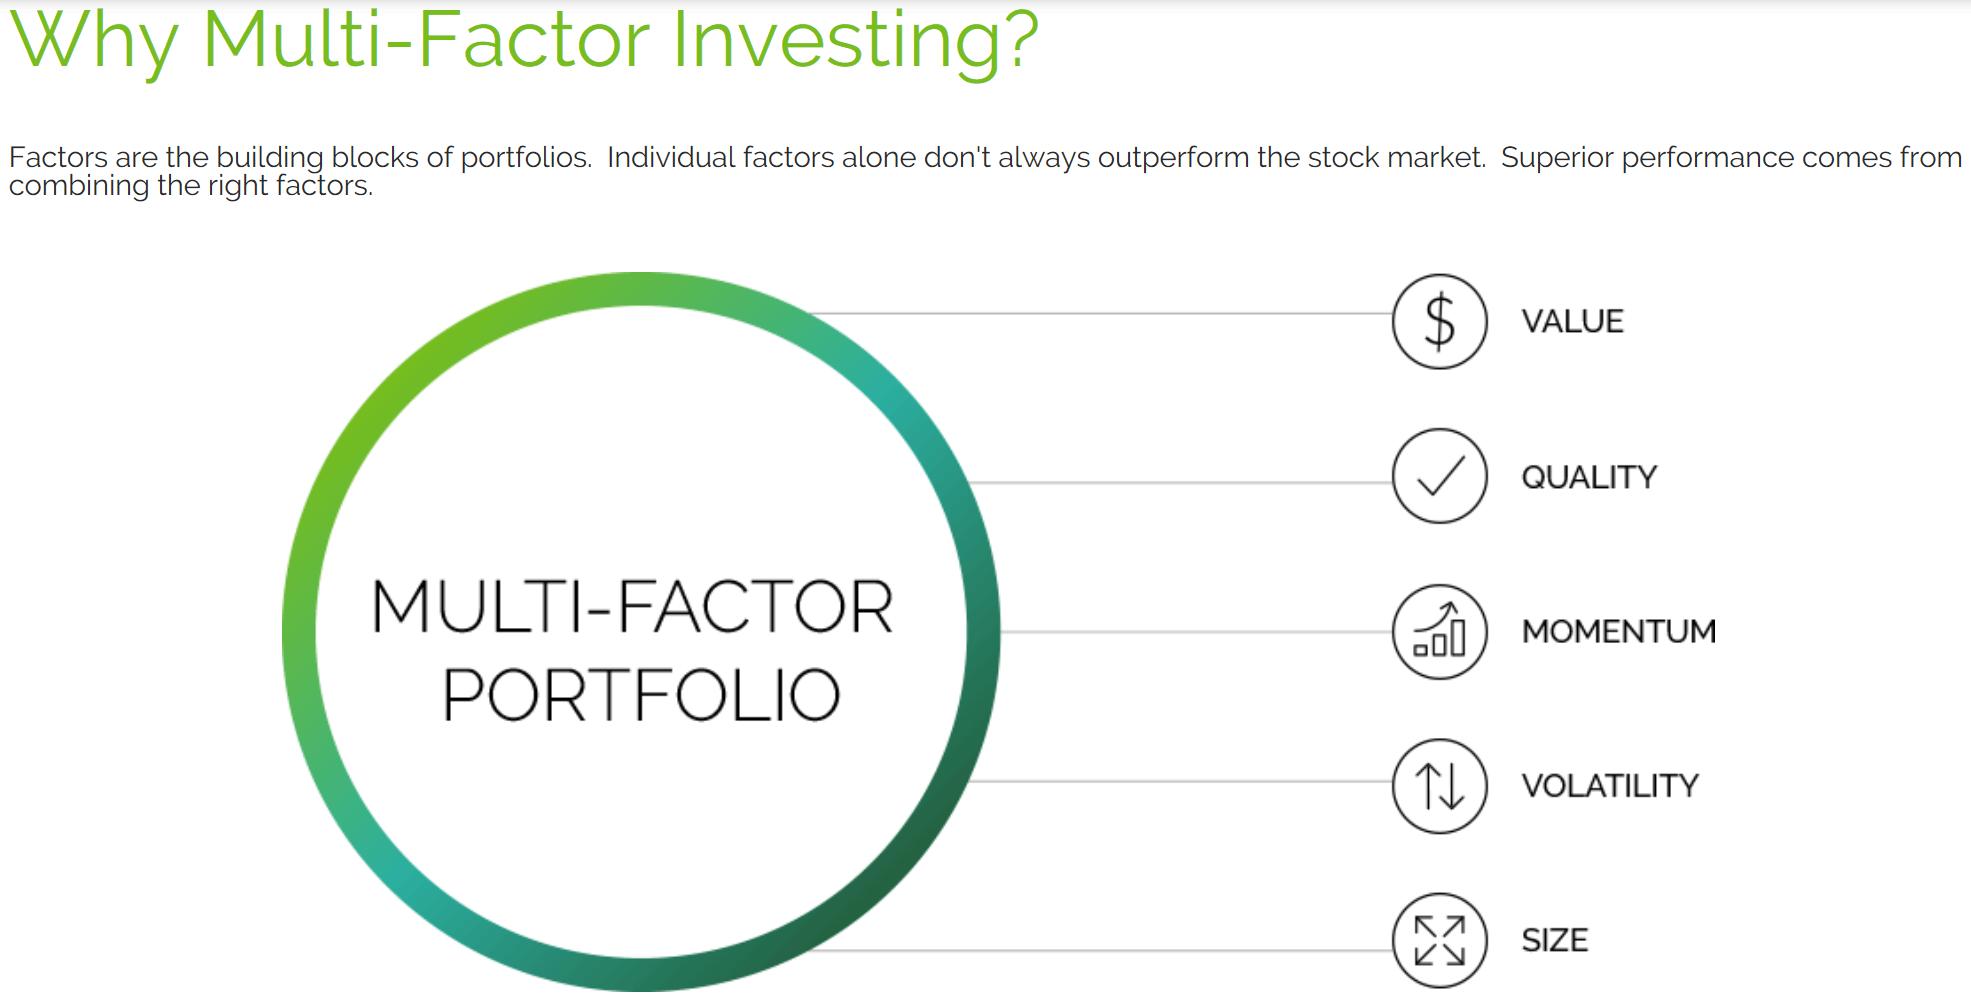 Multi-Factor Investing at Quantamize